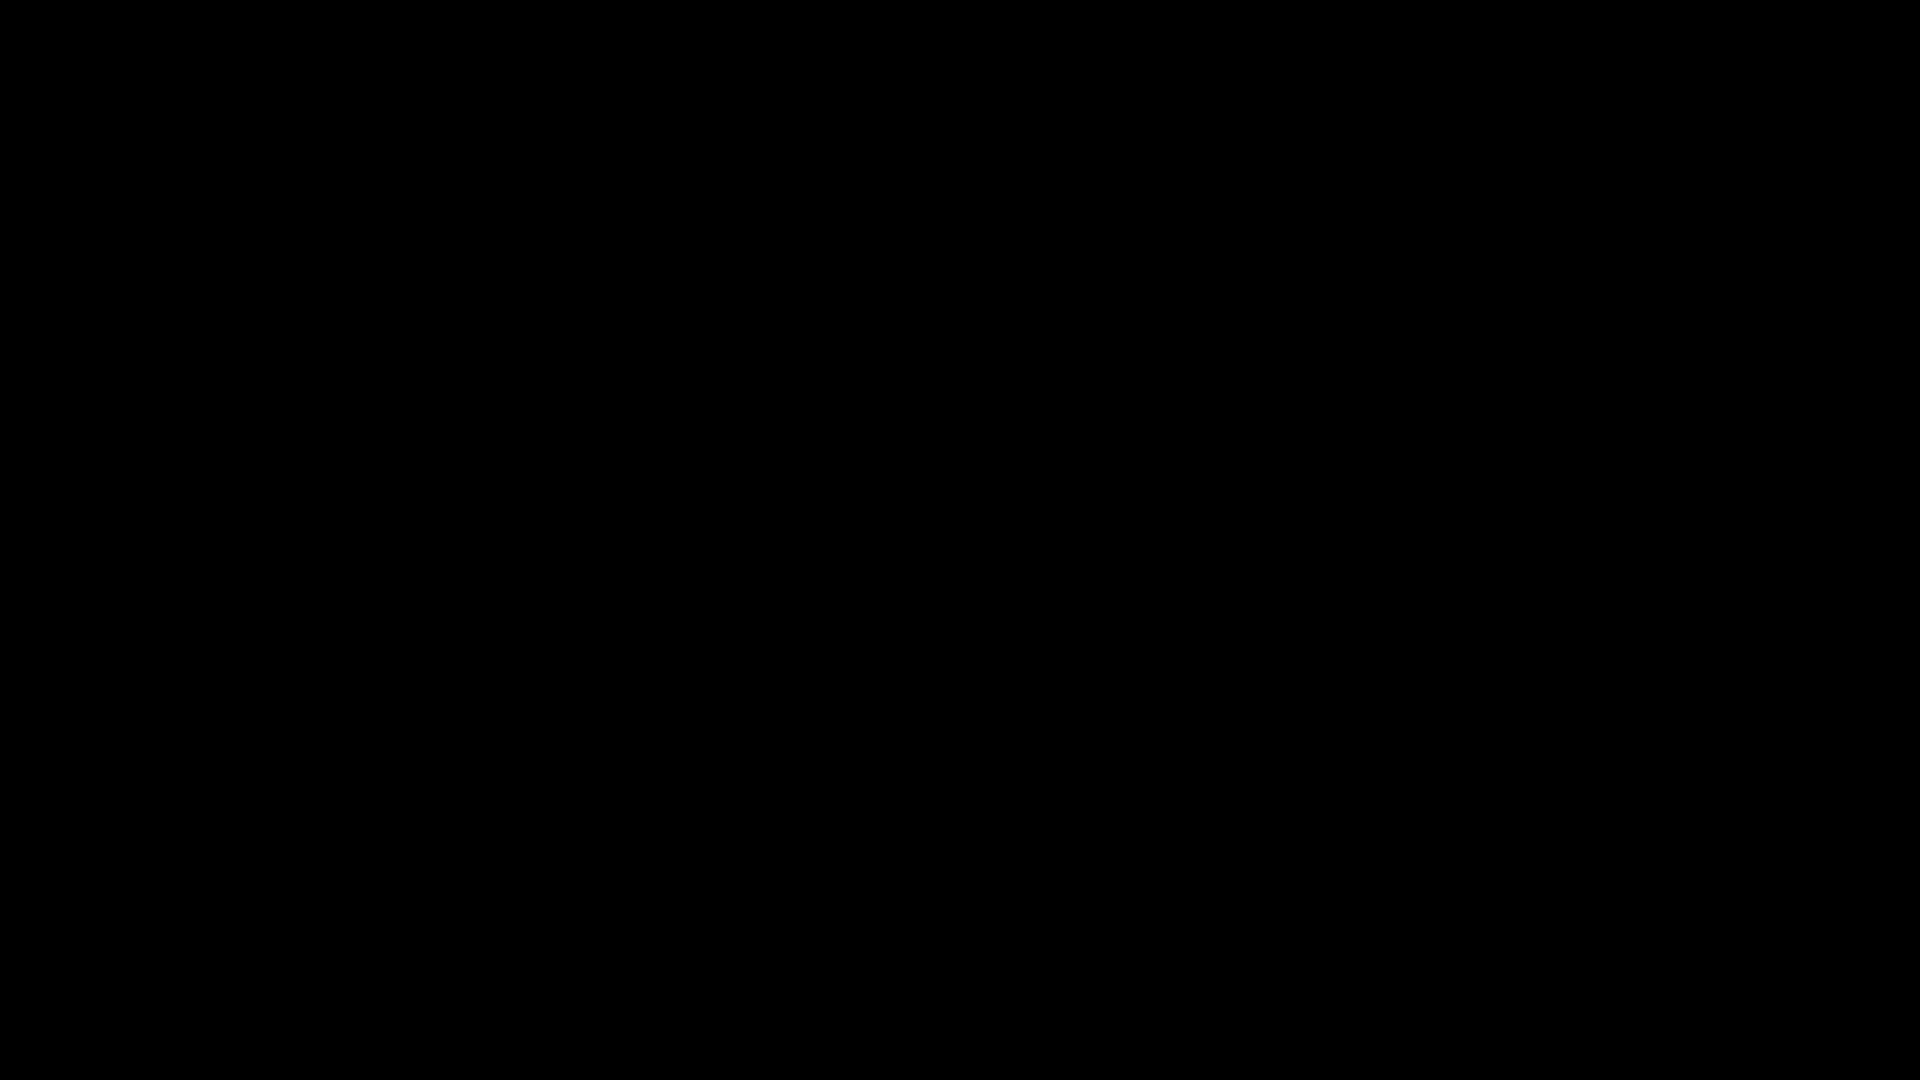 summonerswar, Mermaid GIFs